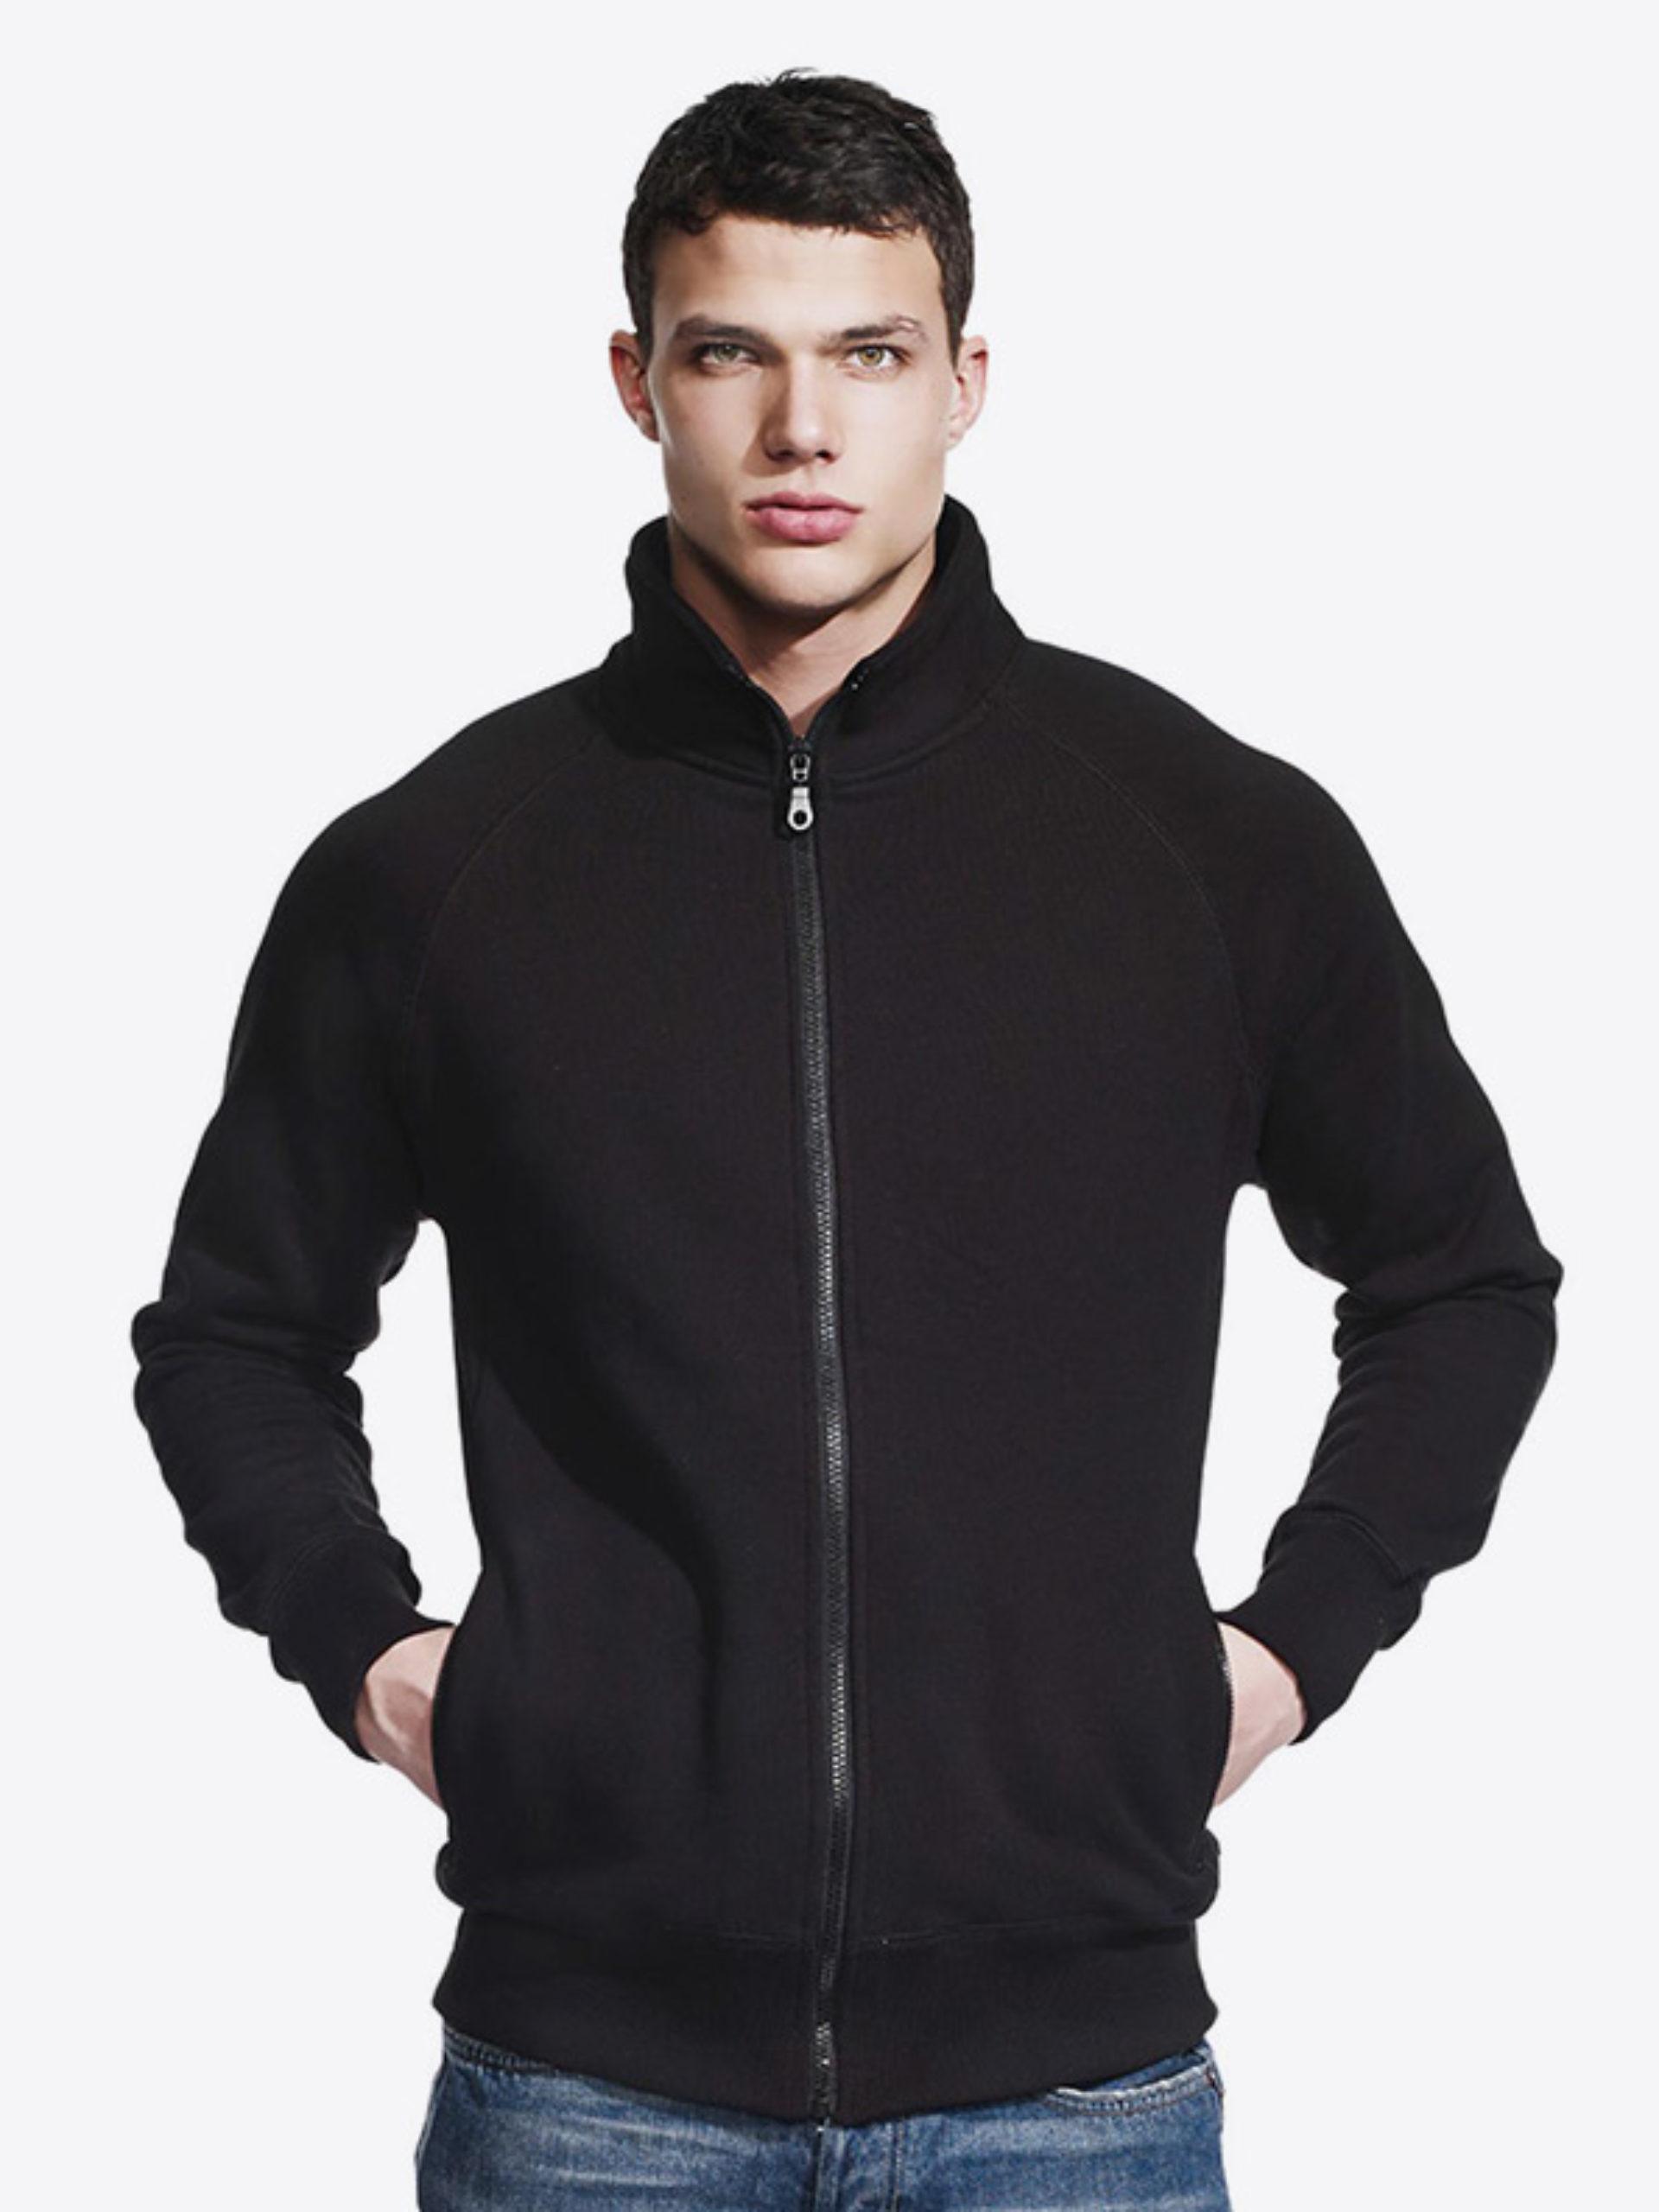 Herren Sweatshirt Zip Hoodie Mit Rundhals Continental N56 Black Modell